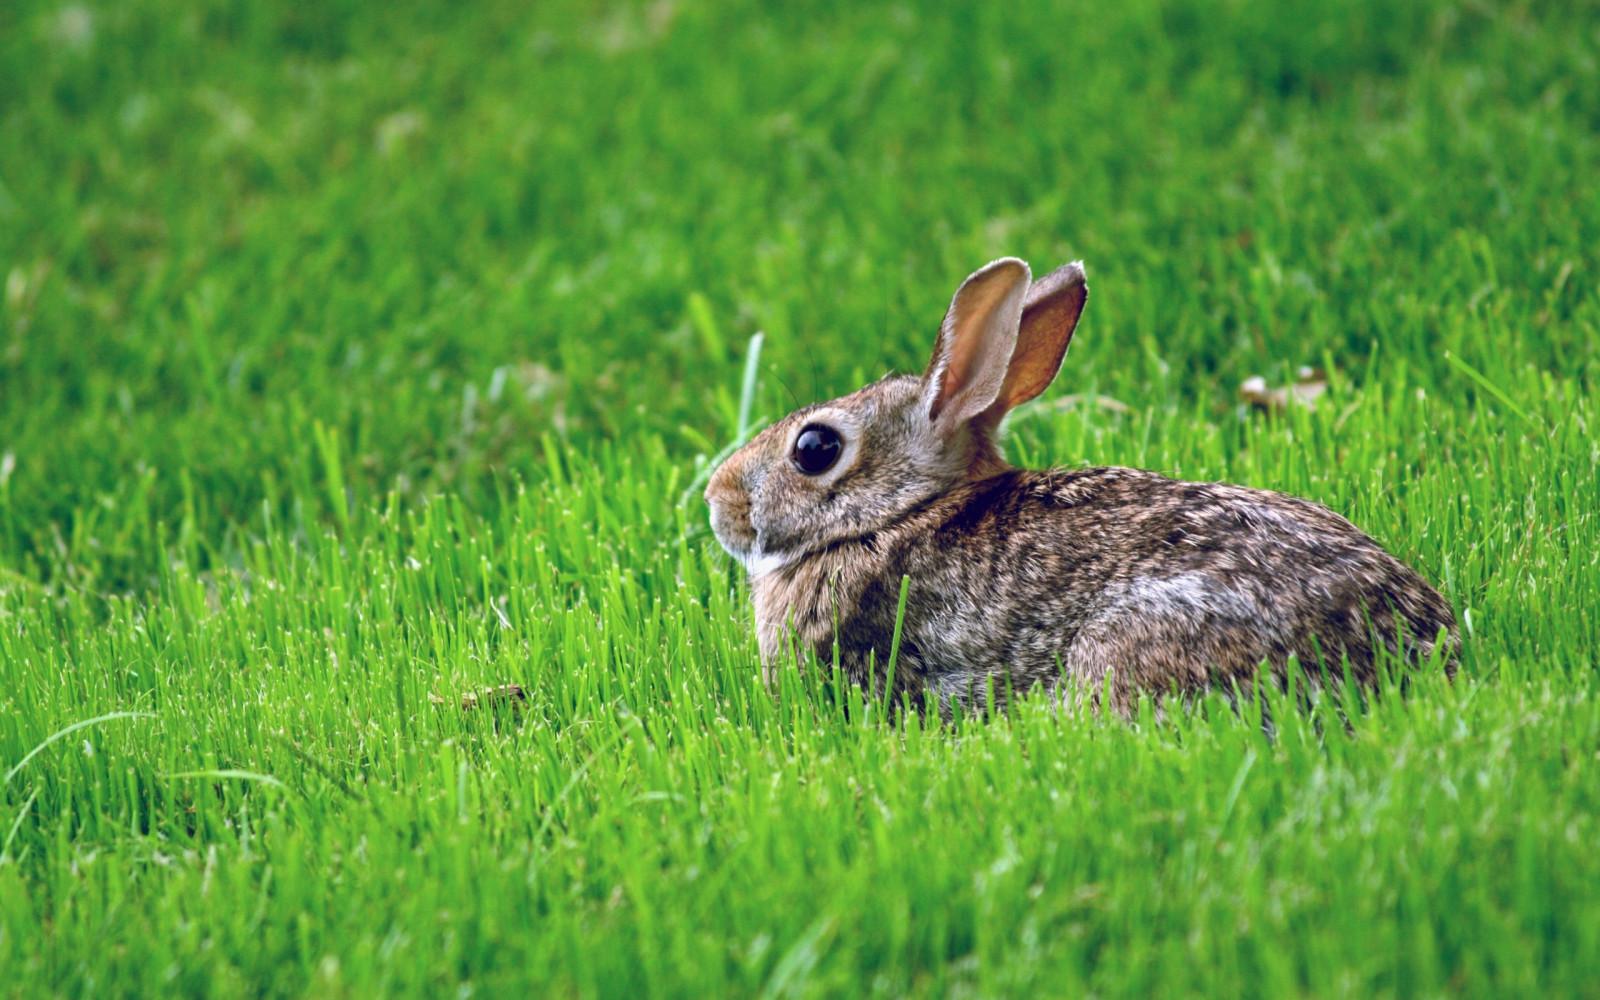 Картинка с зайчатами, открытка